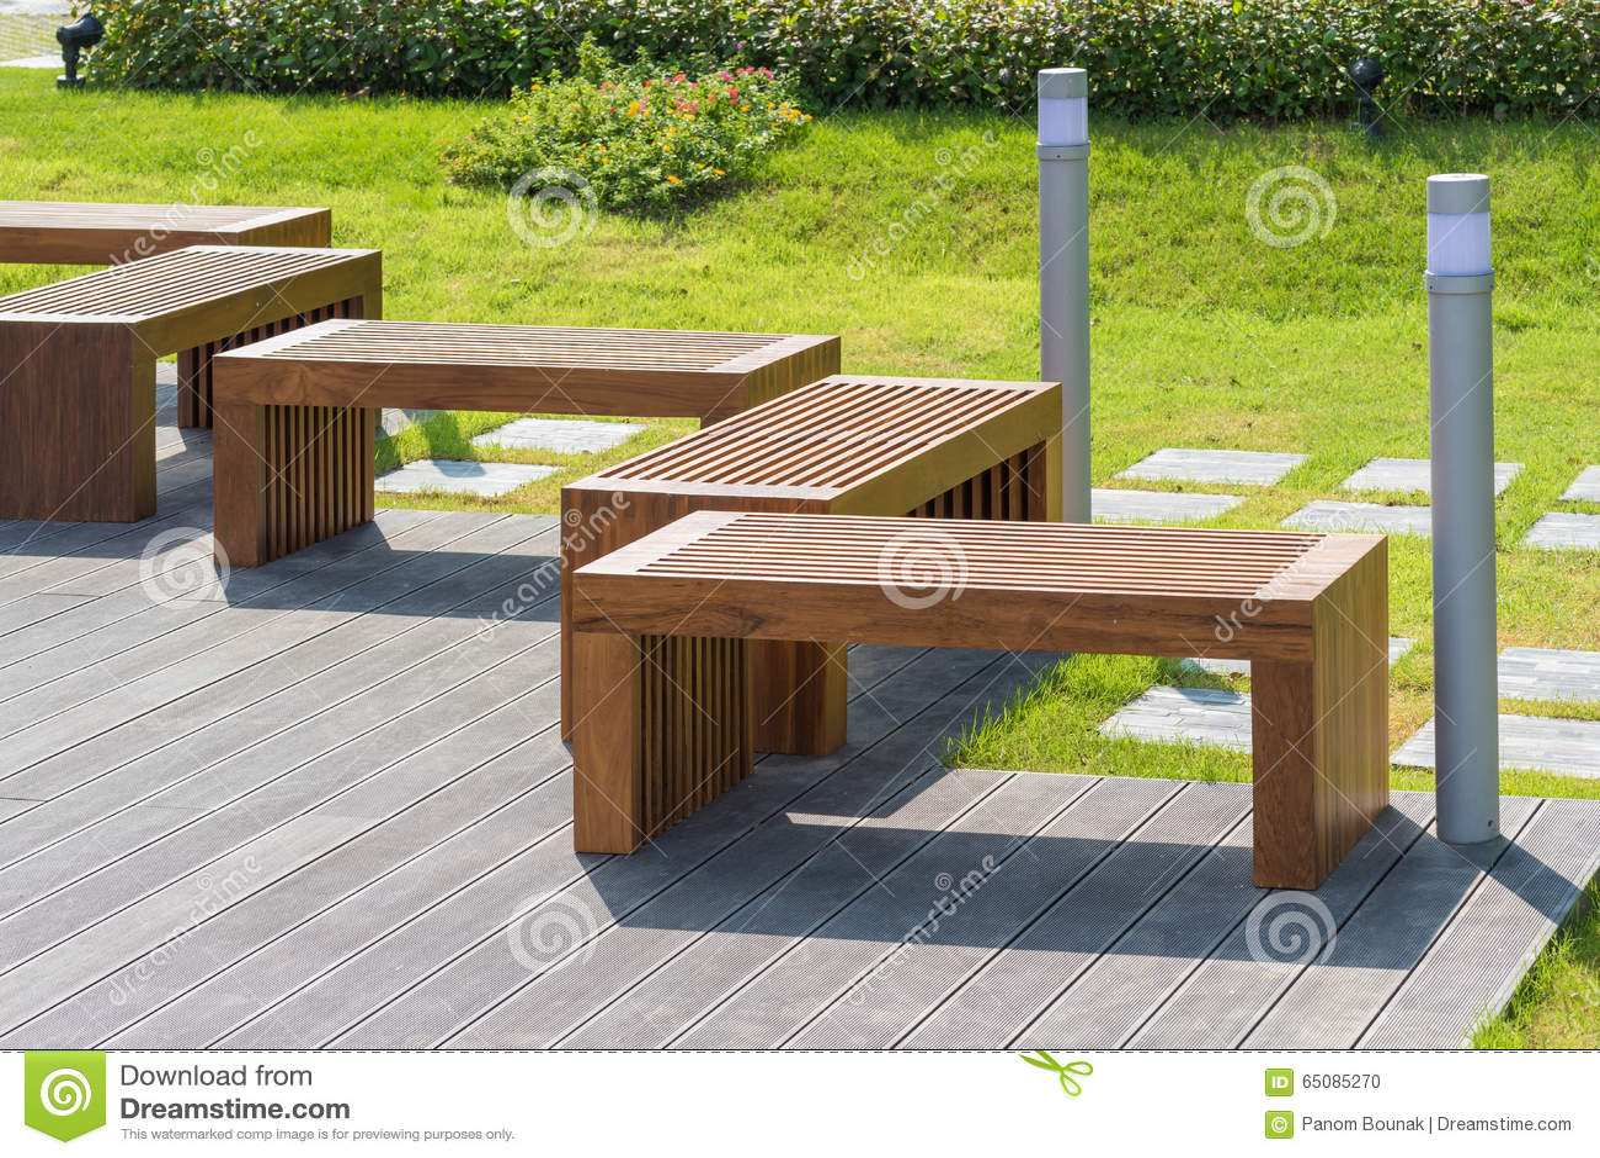 banc en bois dans le jardin avec le petit arbre vert à l'arrière